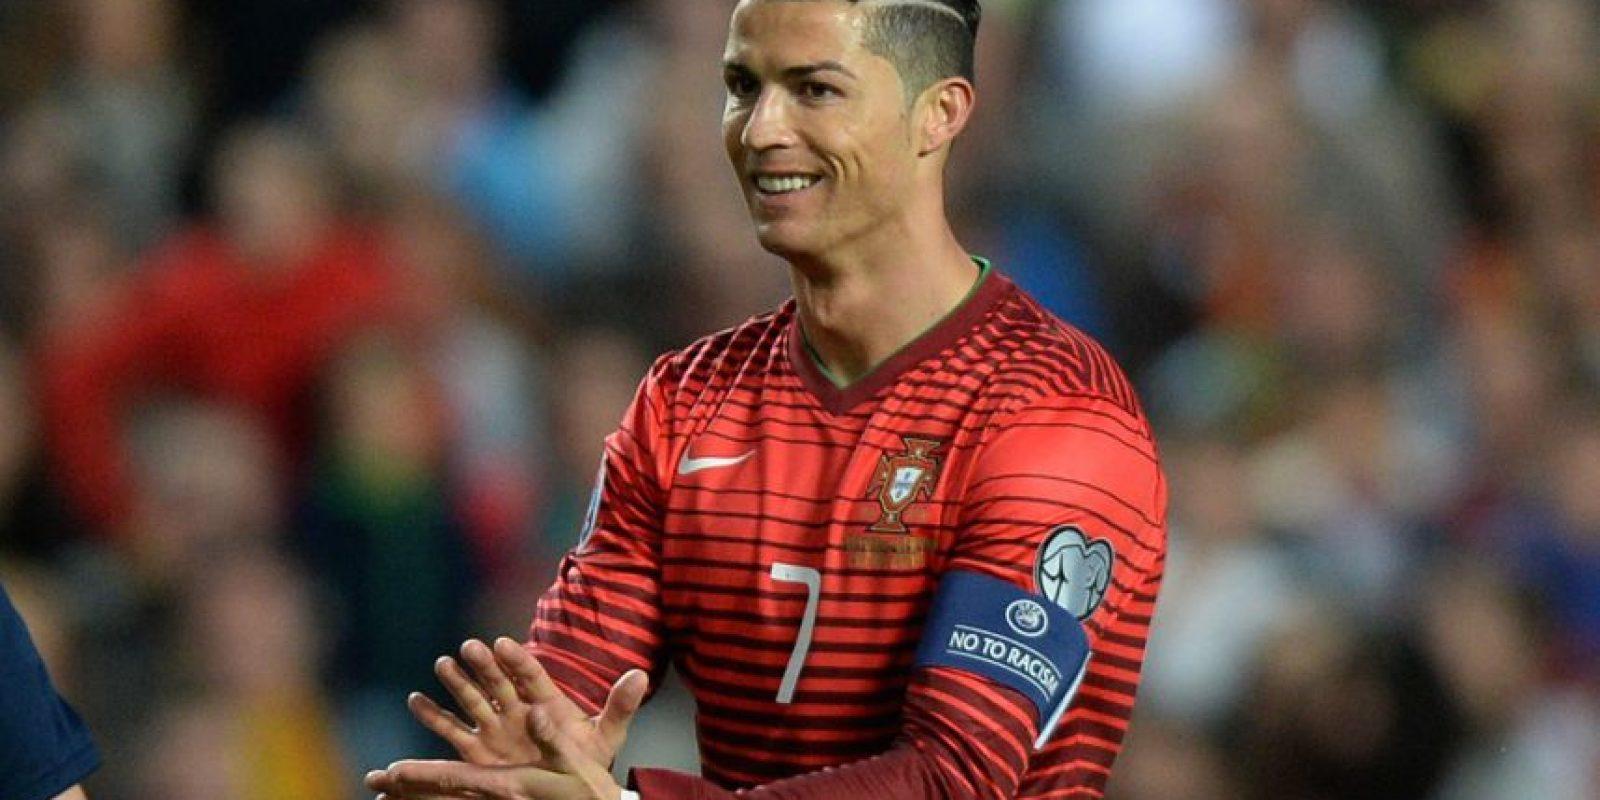 El portugués estrenó un nuevo peinado previo al duelo frente a Serbia. Foto:AFP